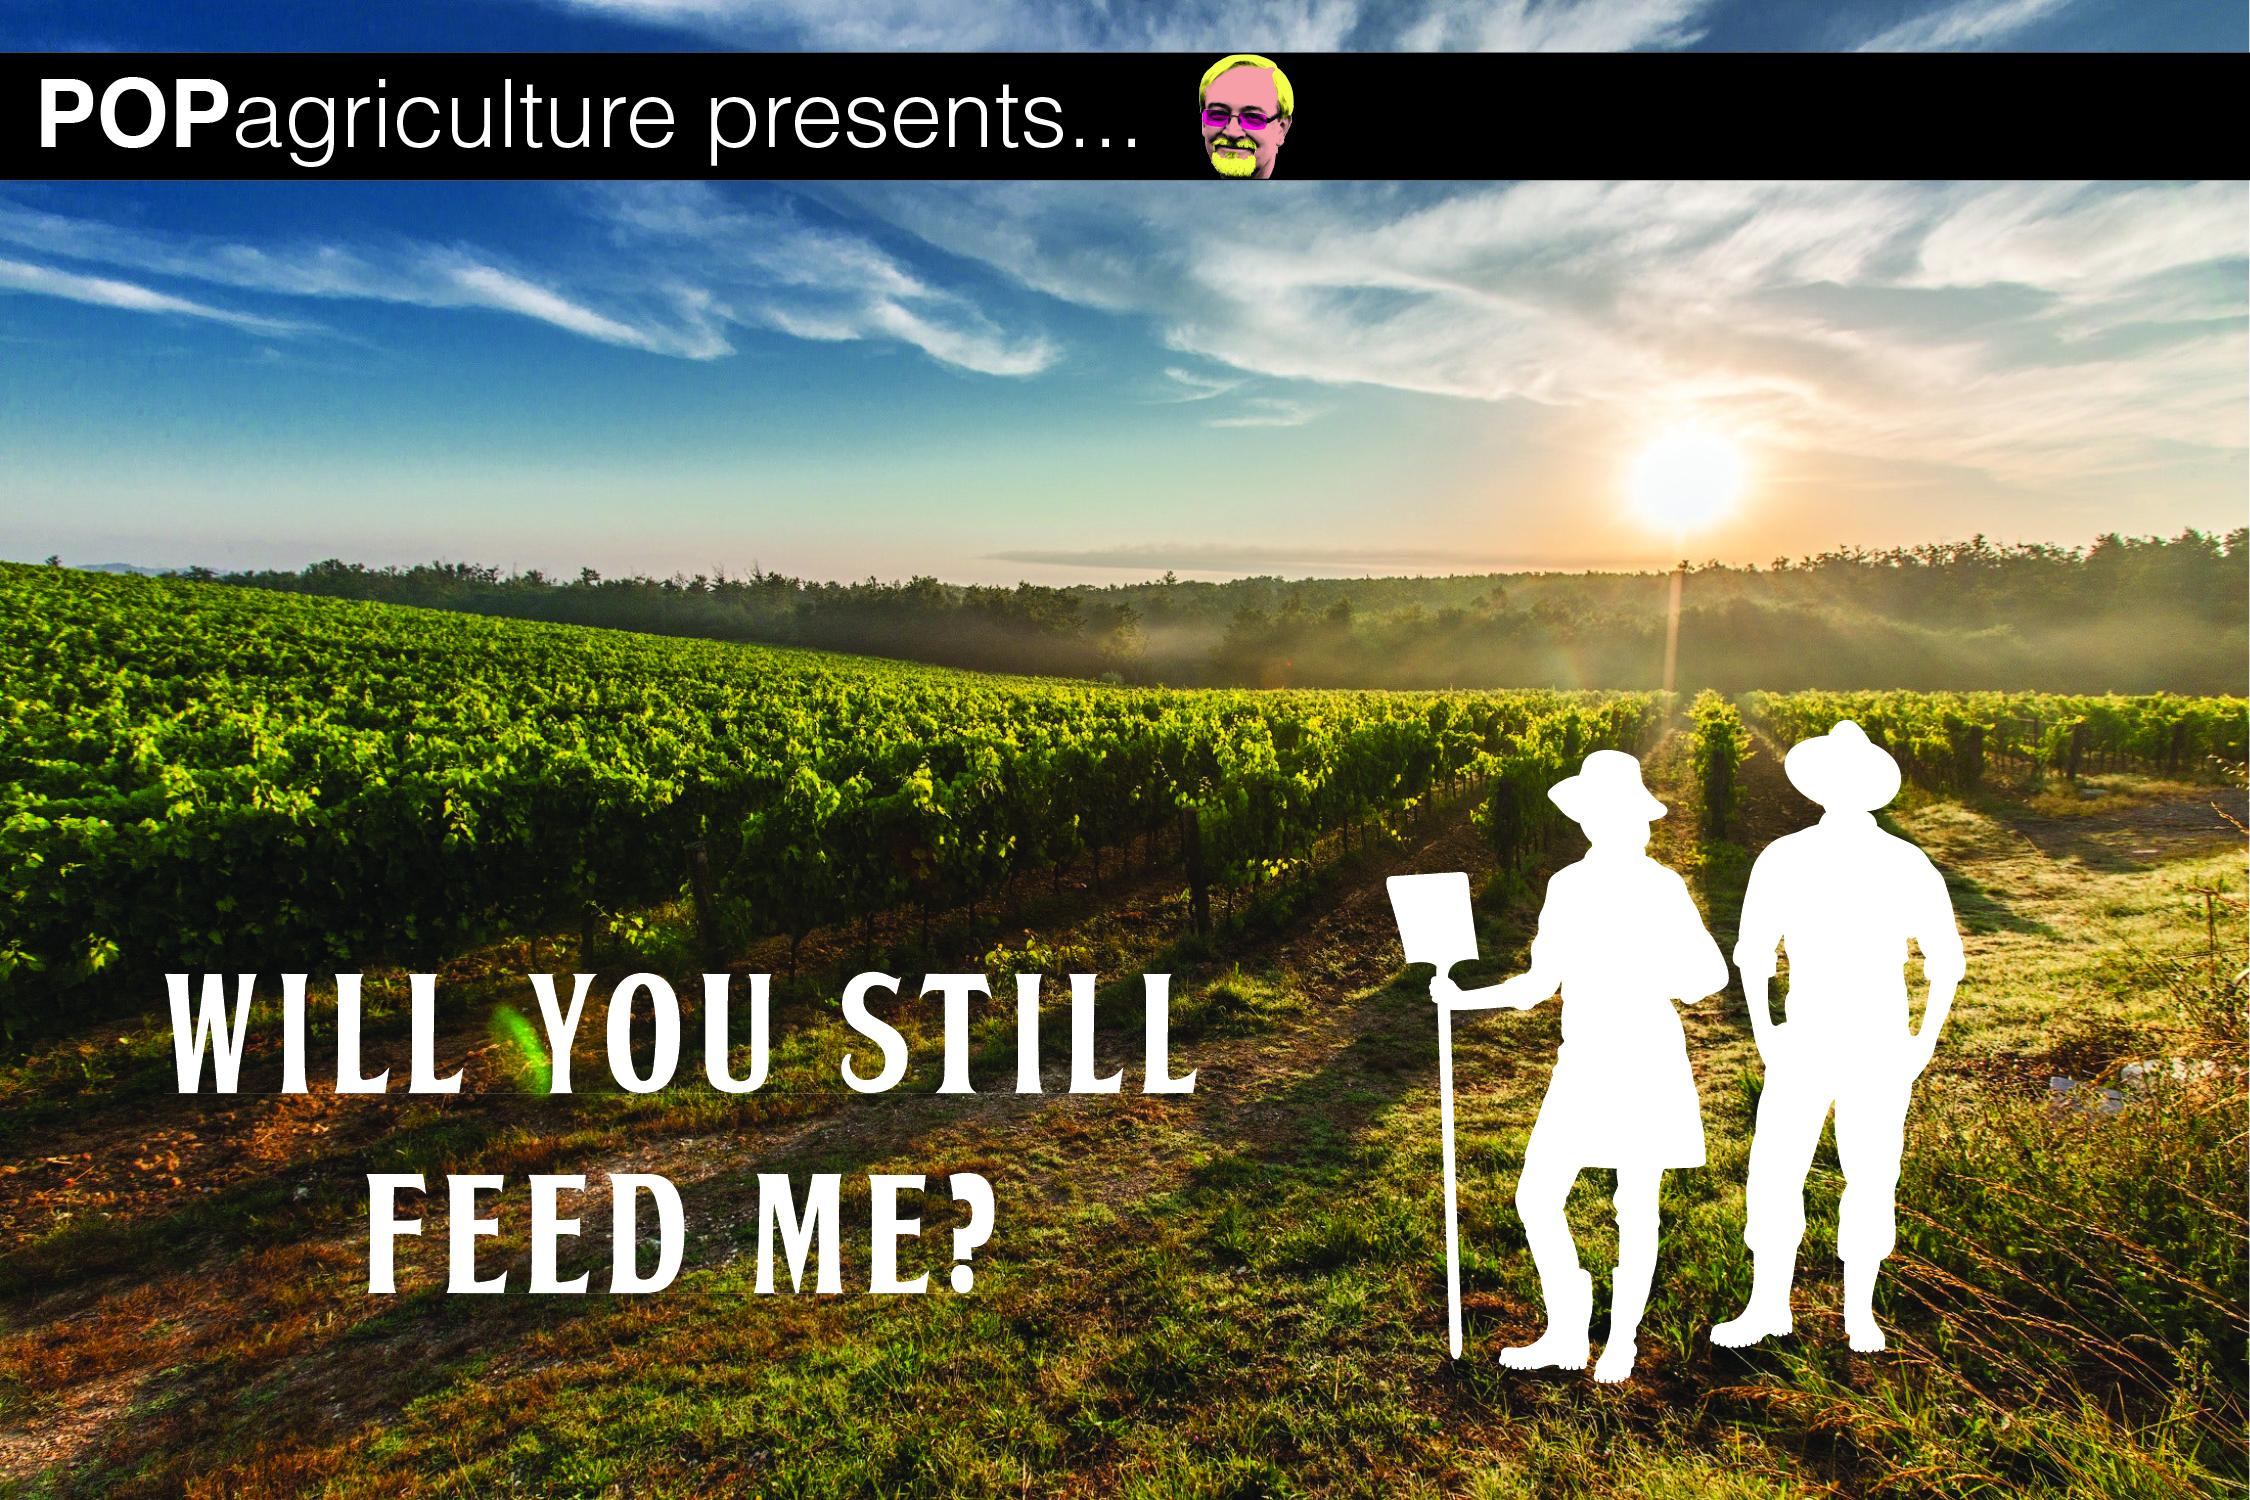 Will You Still Feed Me.jpg